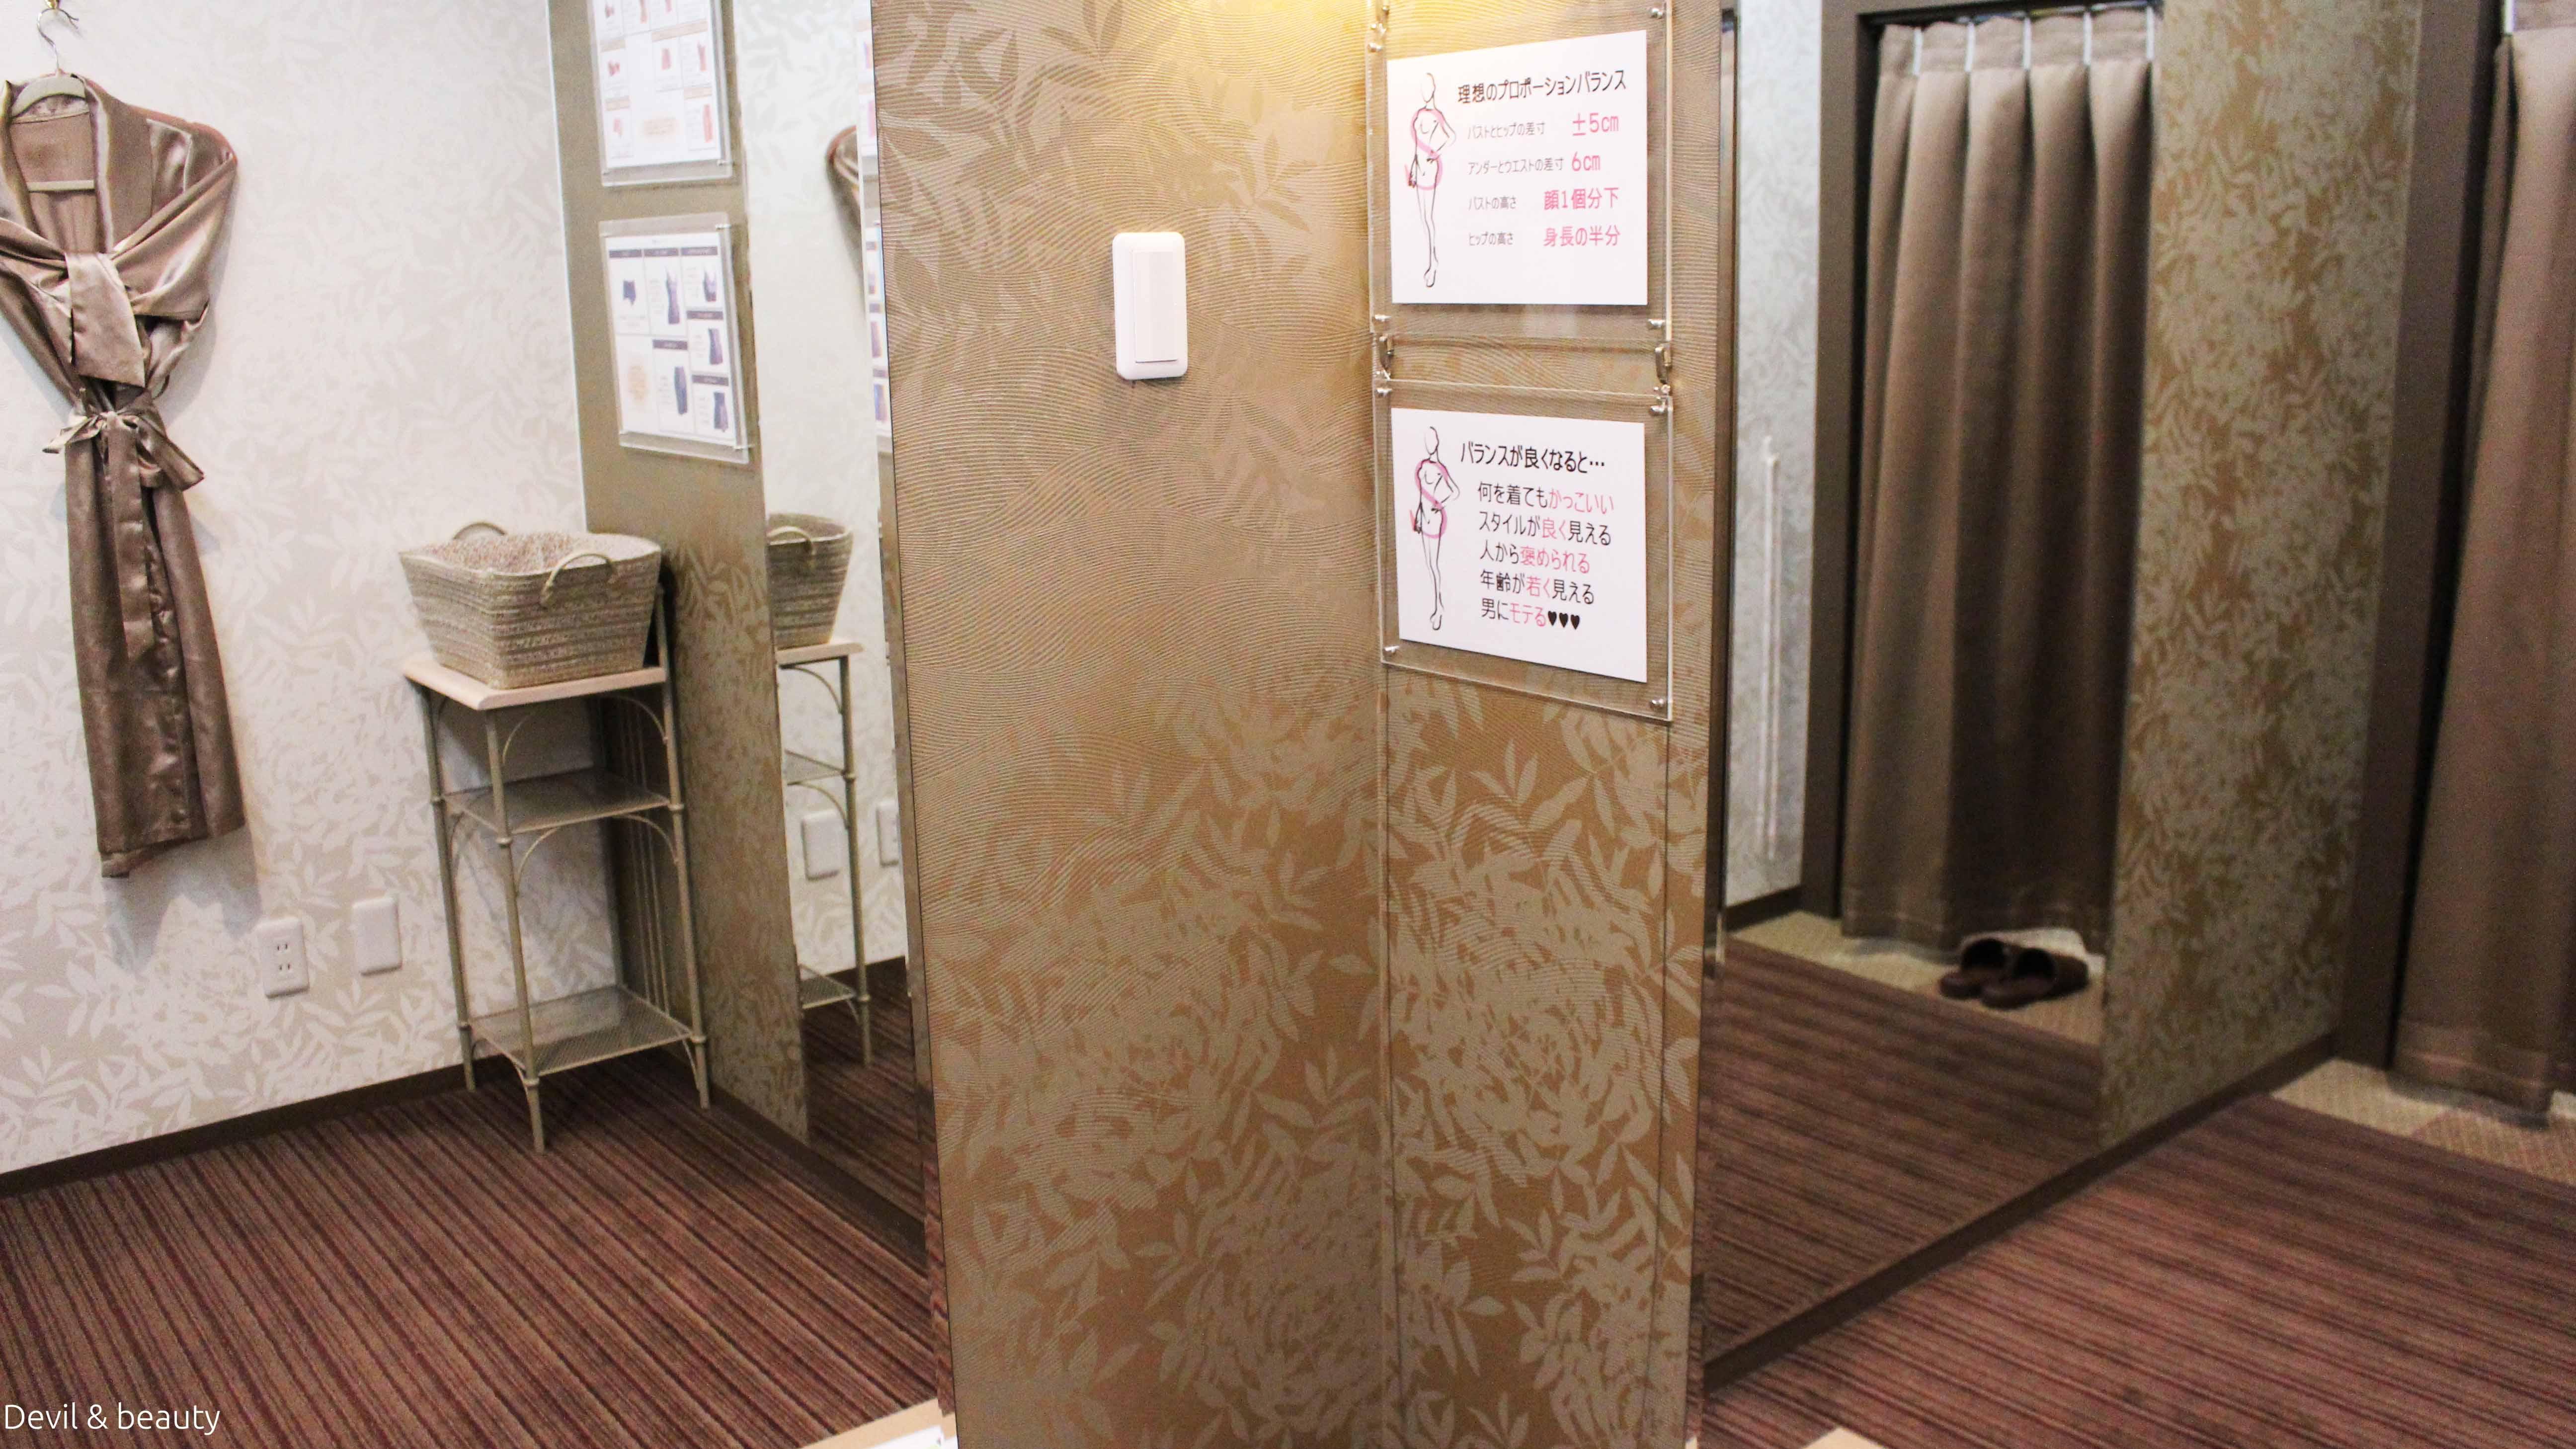 maruko-shinjyuku-4times10 - image